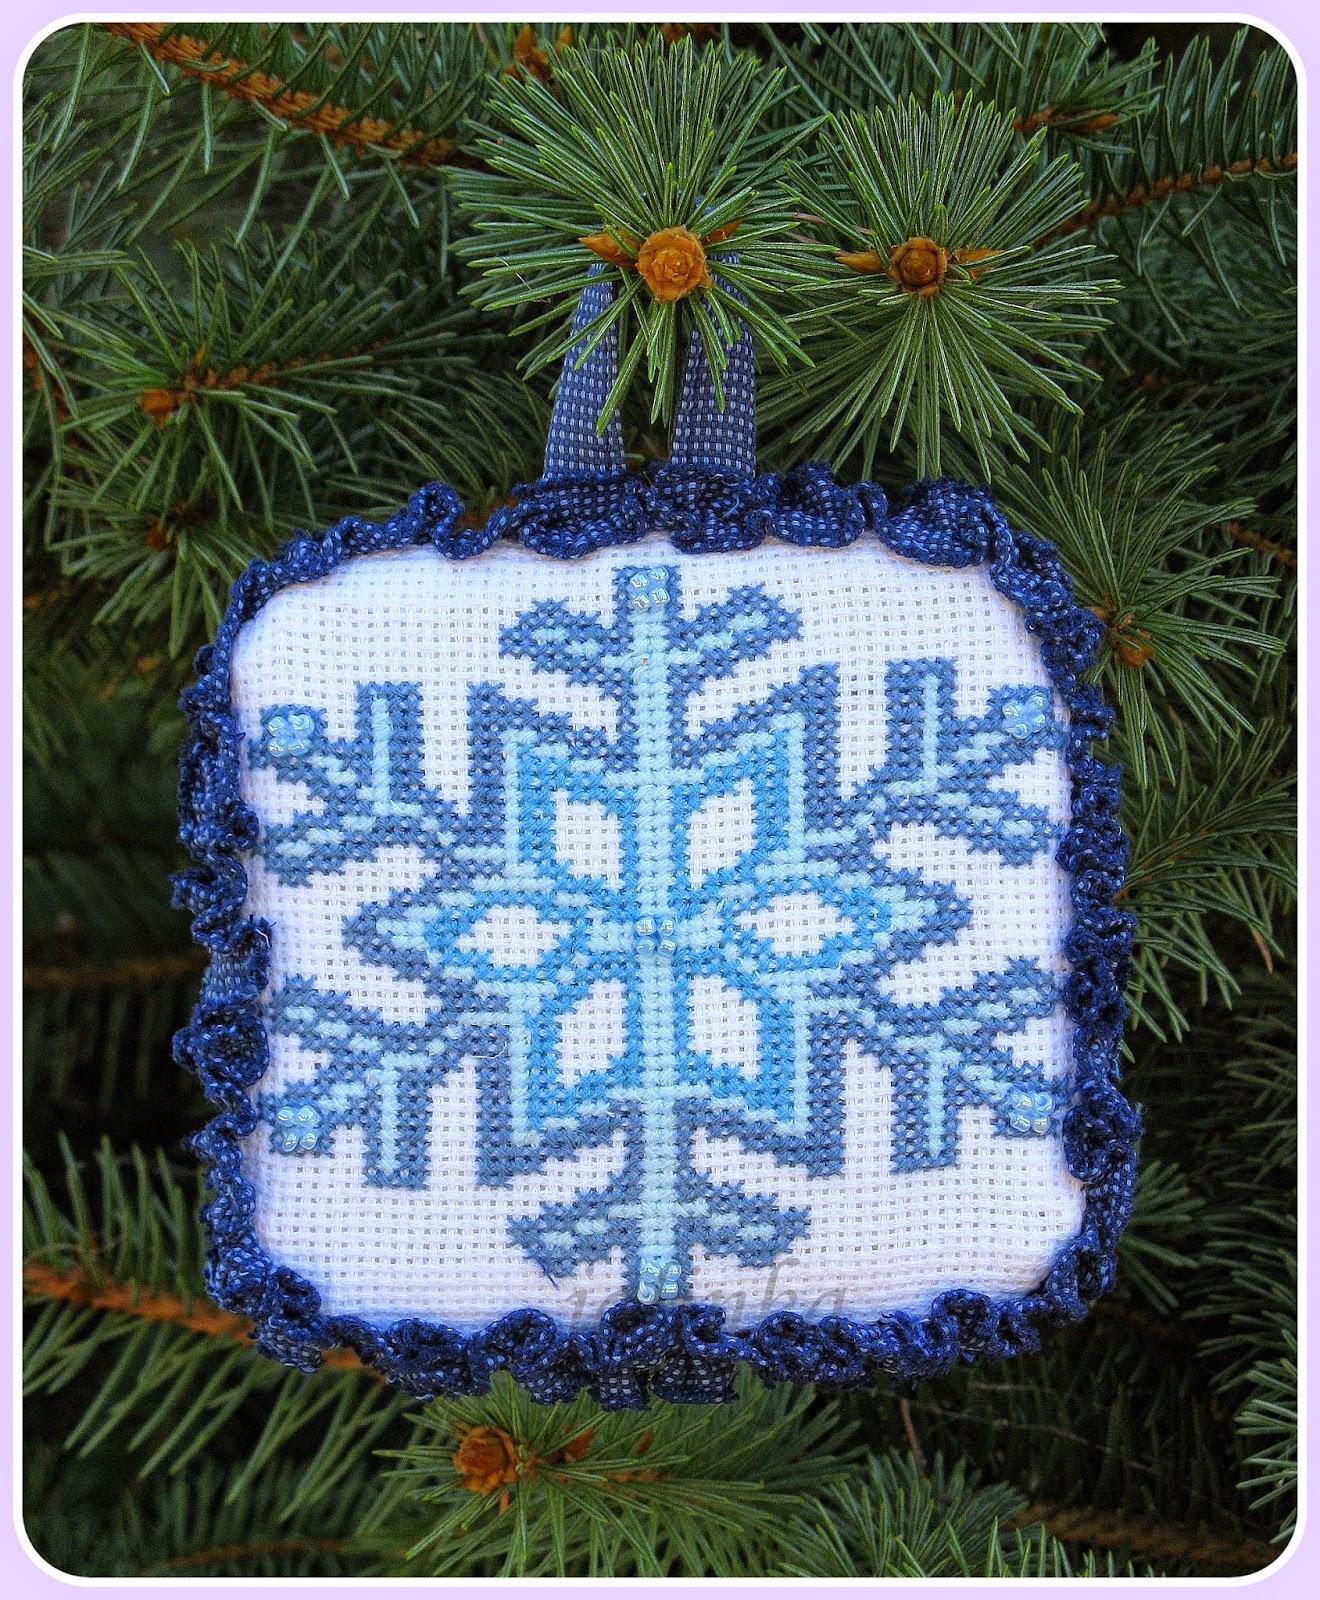 елочка, украшенная  игрушками  hand  made снежинка вышивка новый год